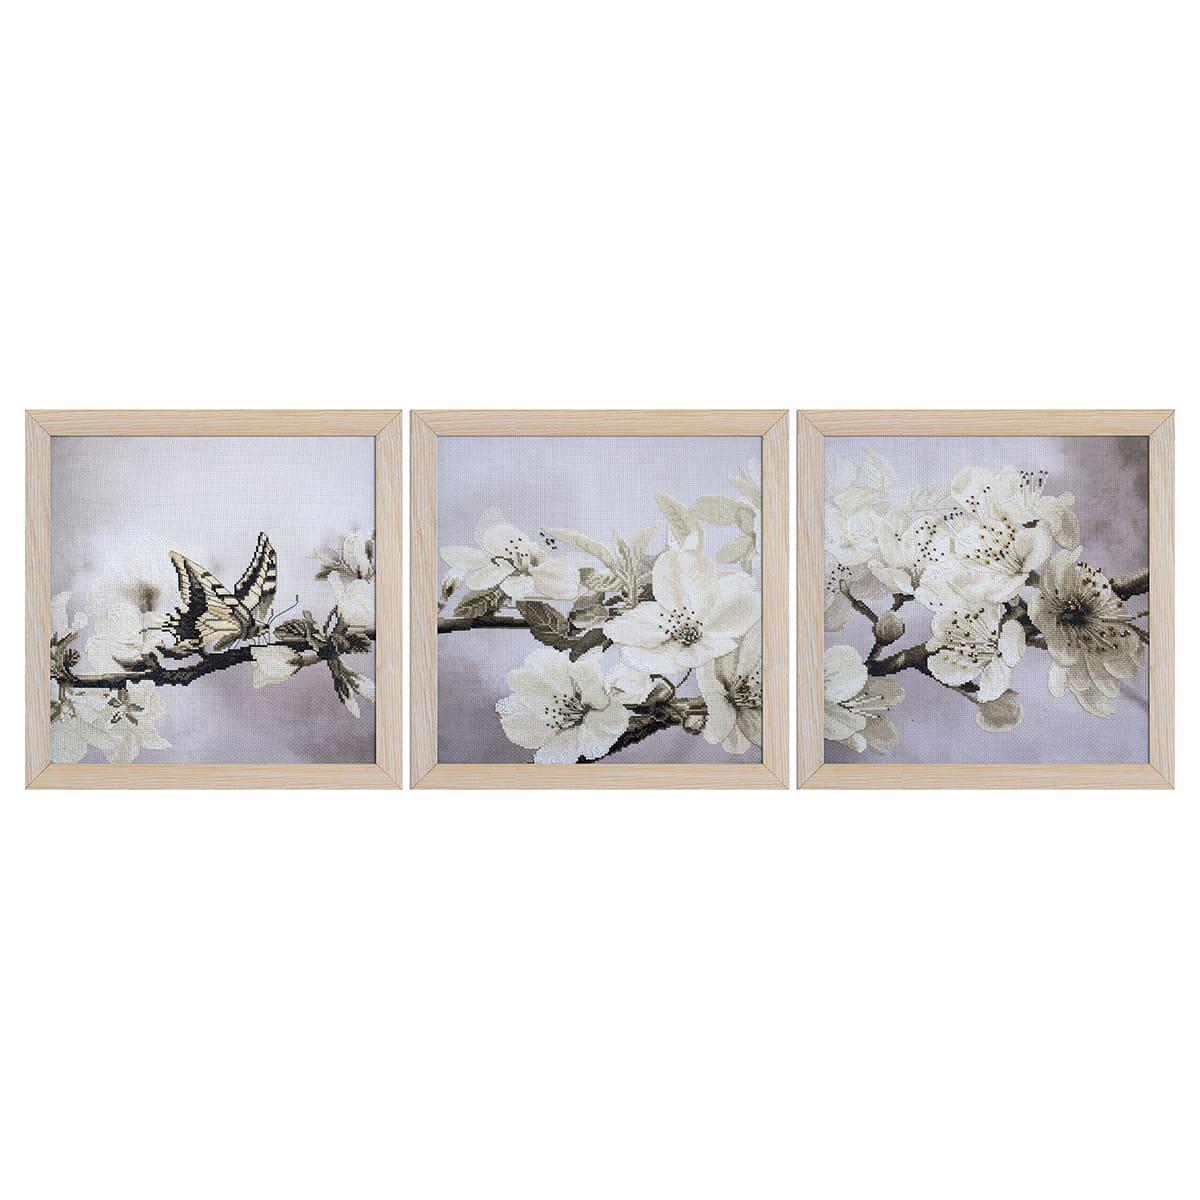 ННК6502 Набор для вышивания 'Цветущий сад ' 3 части 30x30 см